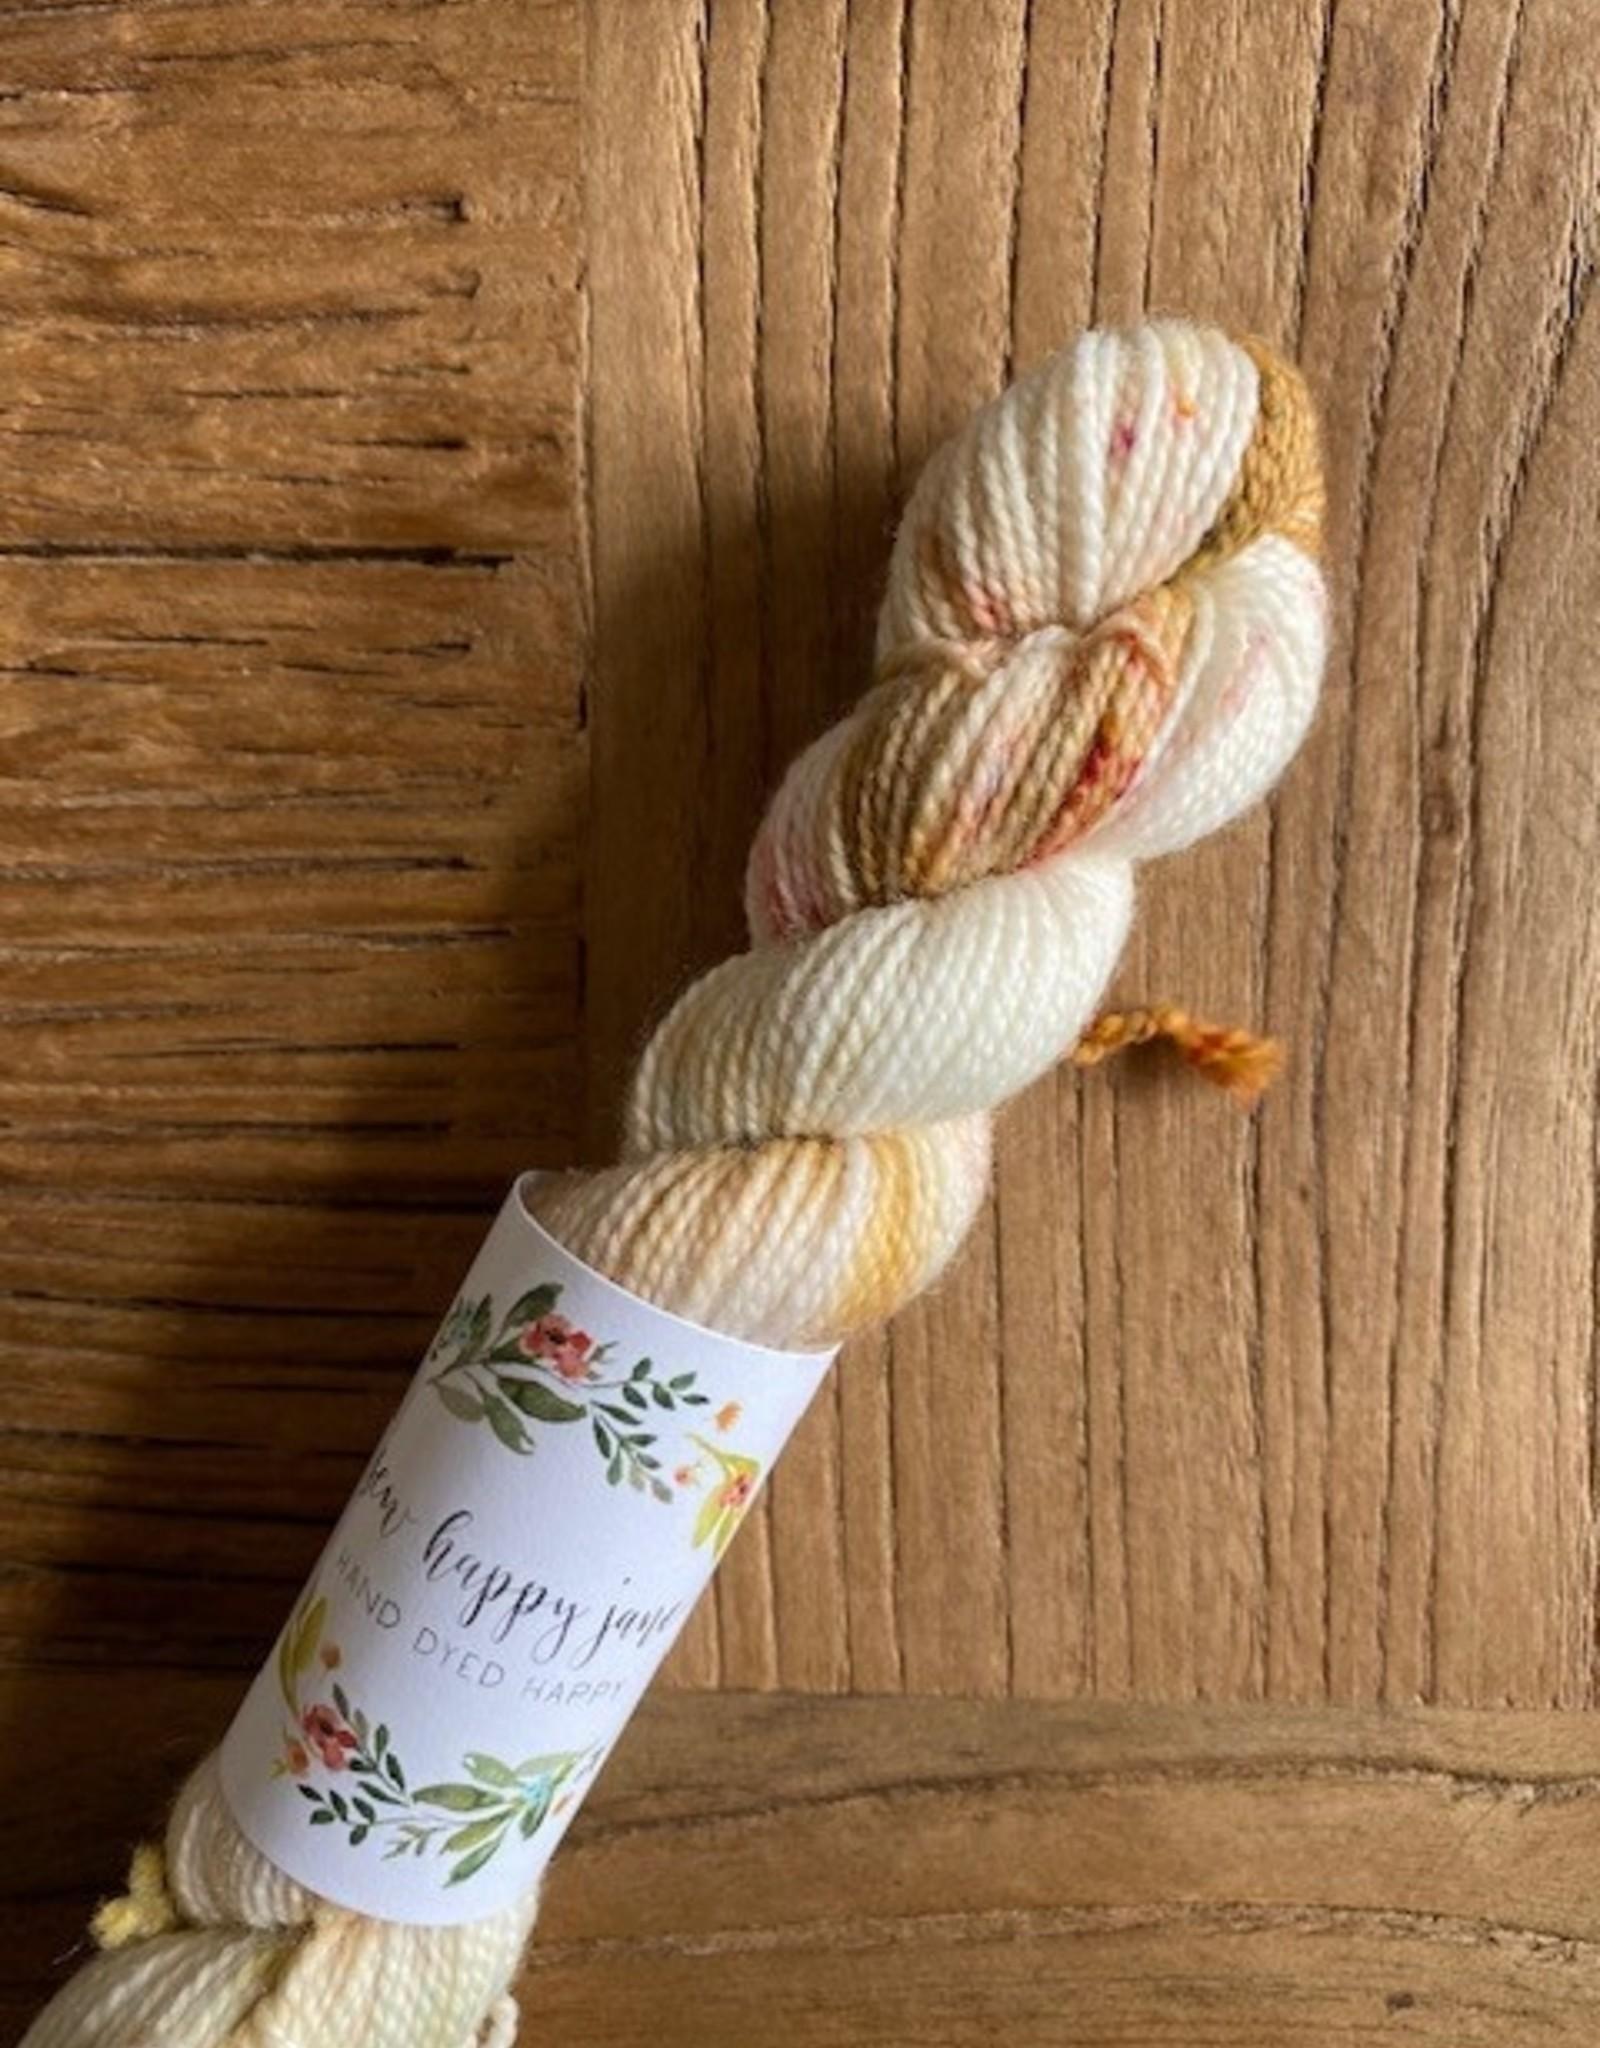 Sew Happy Jane Tiny Popper Warm Cuppa